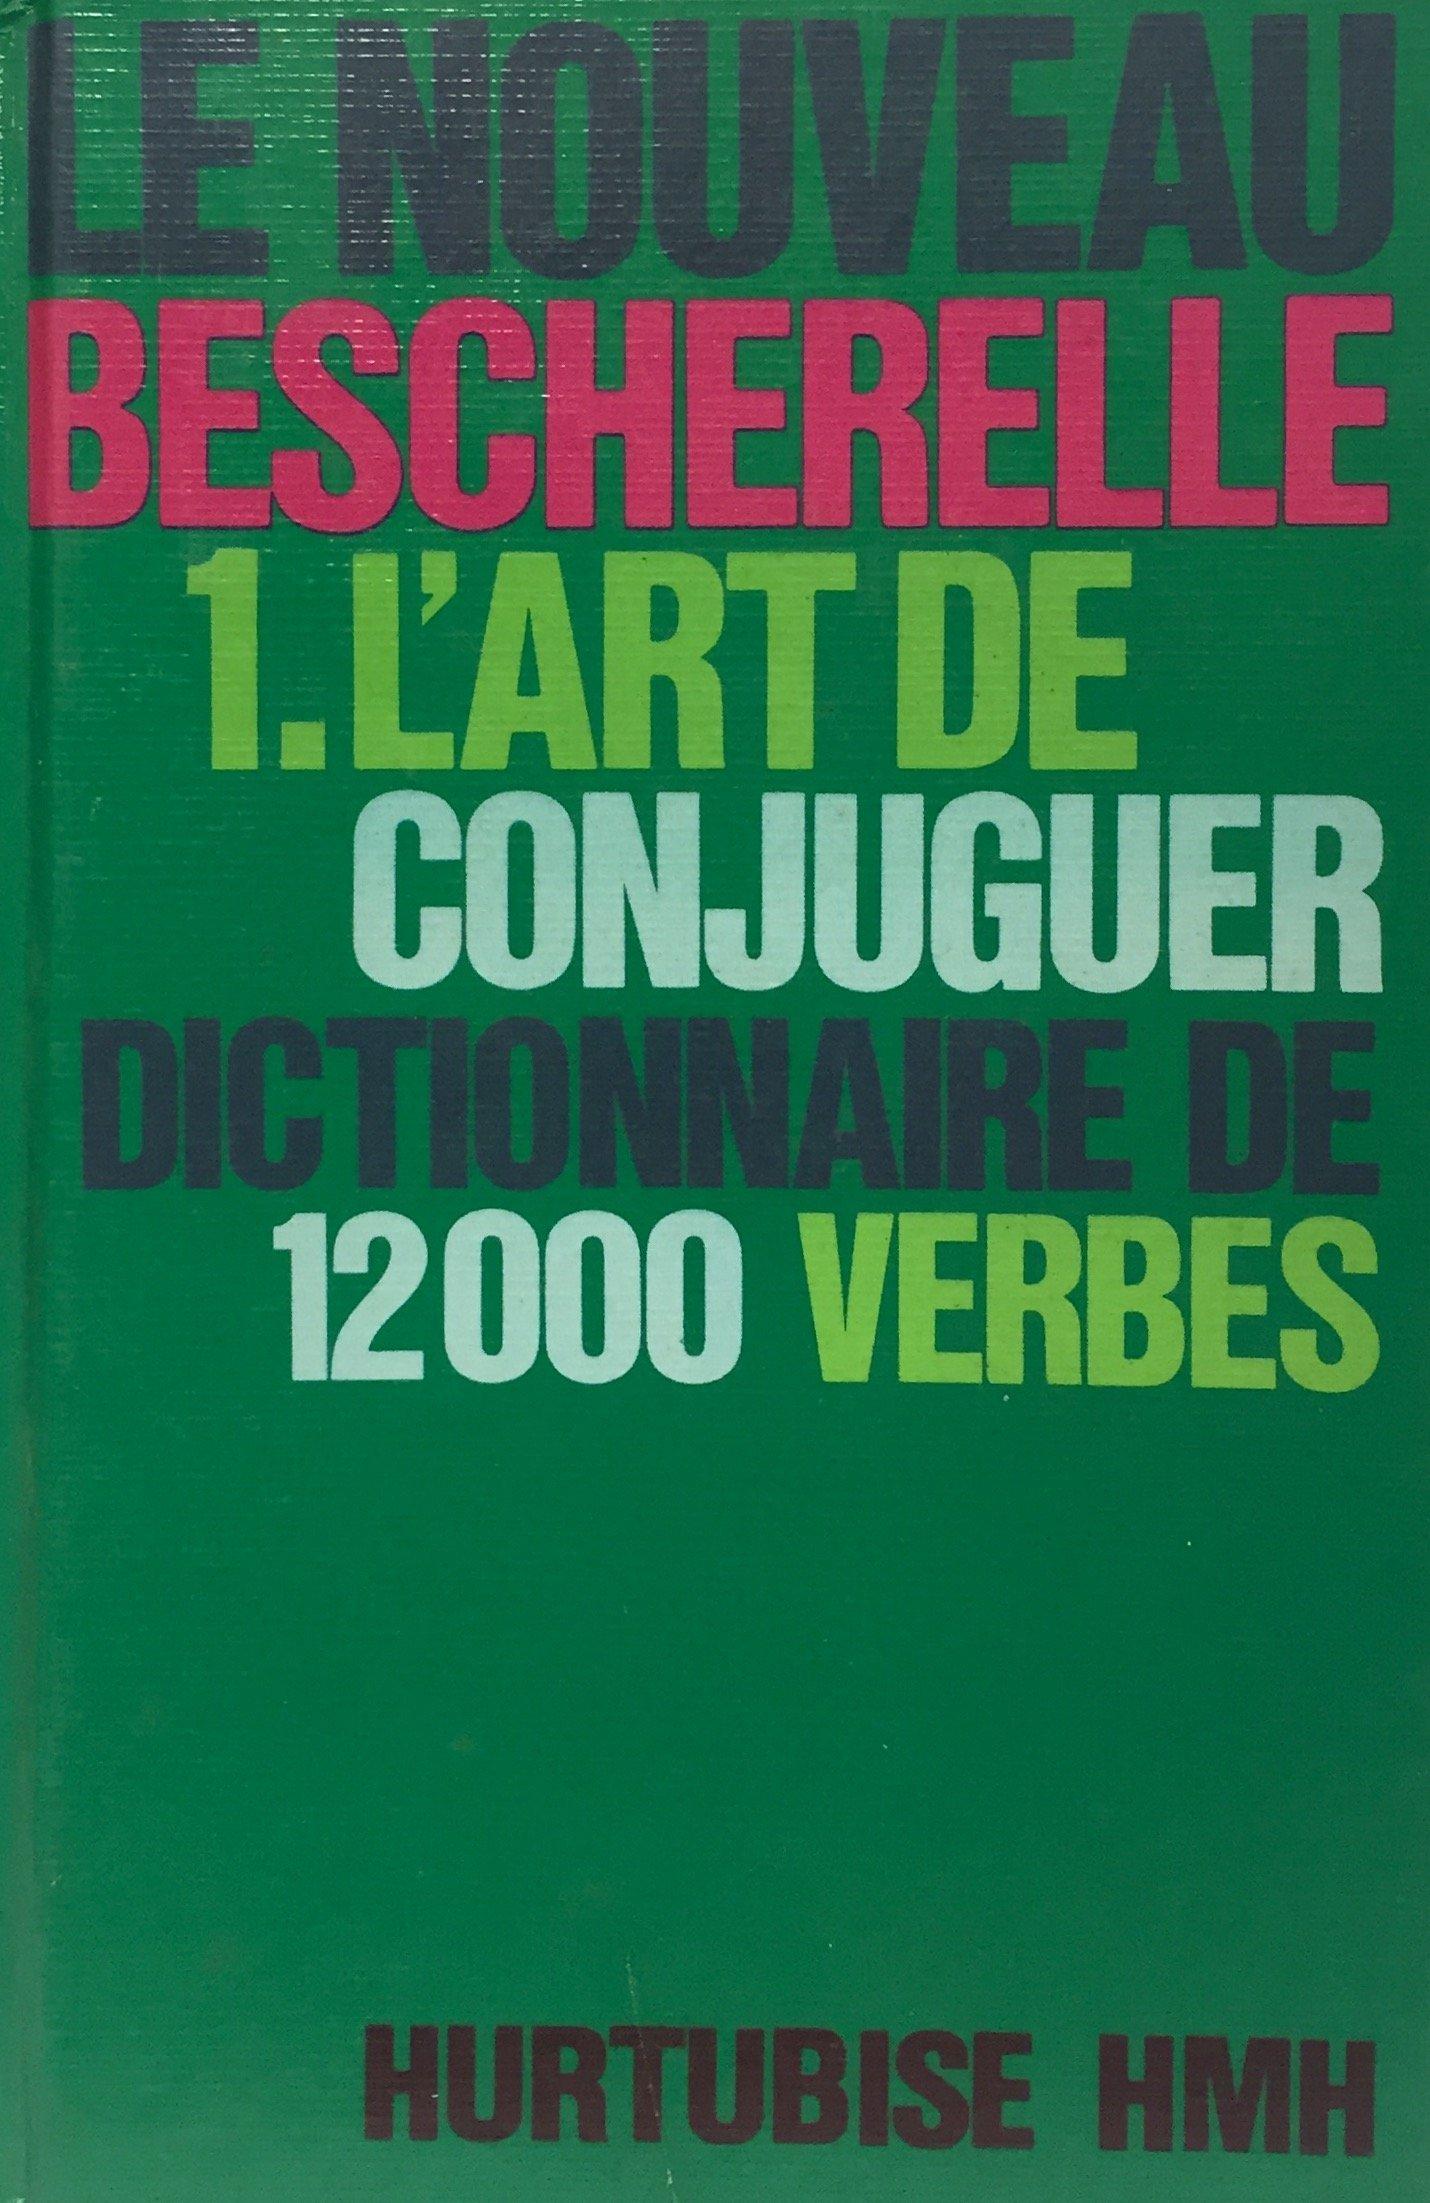 L Art De Conjuguer Dictionnaire De Douze Mille Verbes Le Bescherelle French Edition Amazon Ca Bescherelle Books